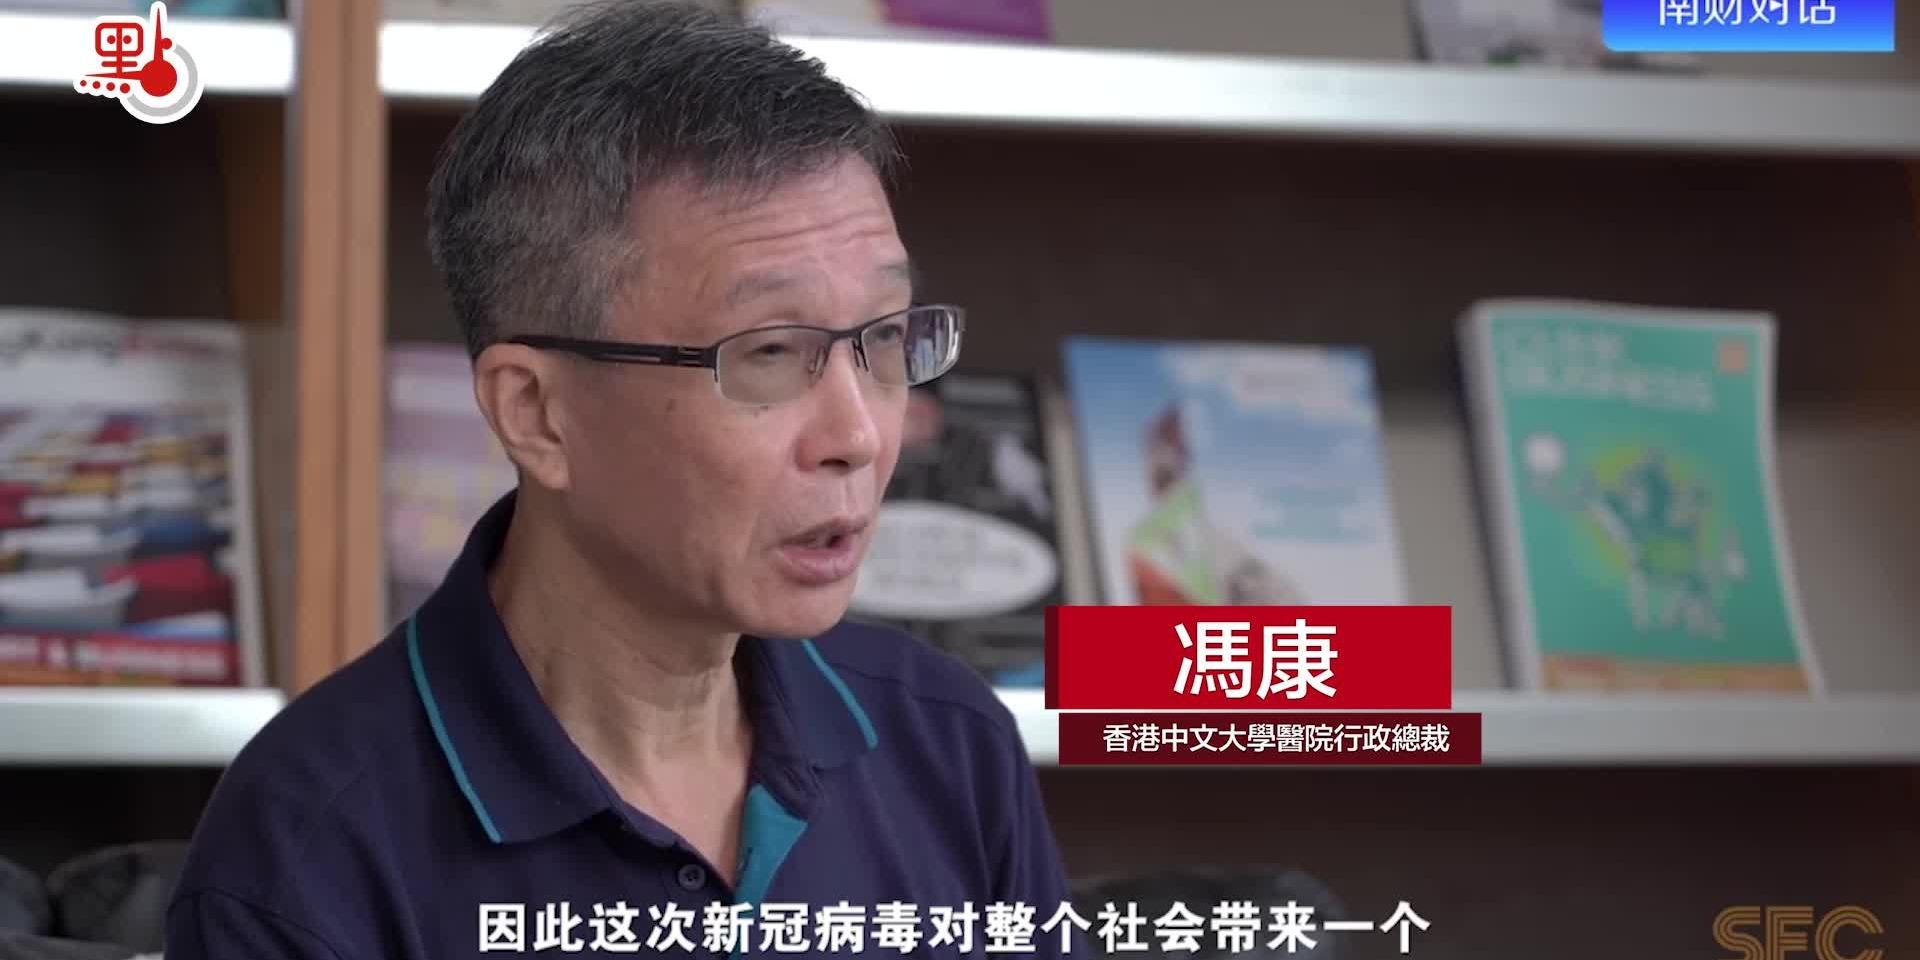 中大醫院行政總裁馮康:港人防疫意識強 不似歐美戴口罩都要開會討論